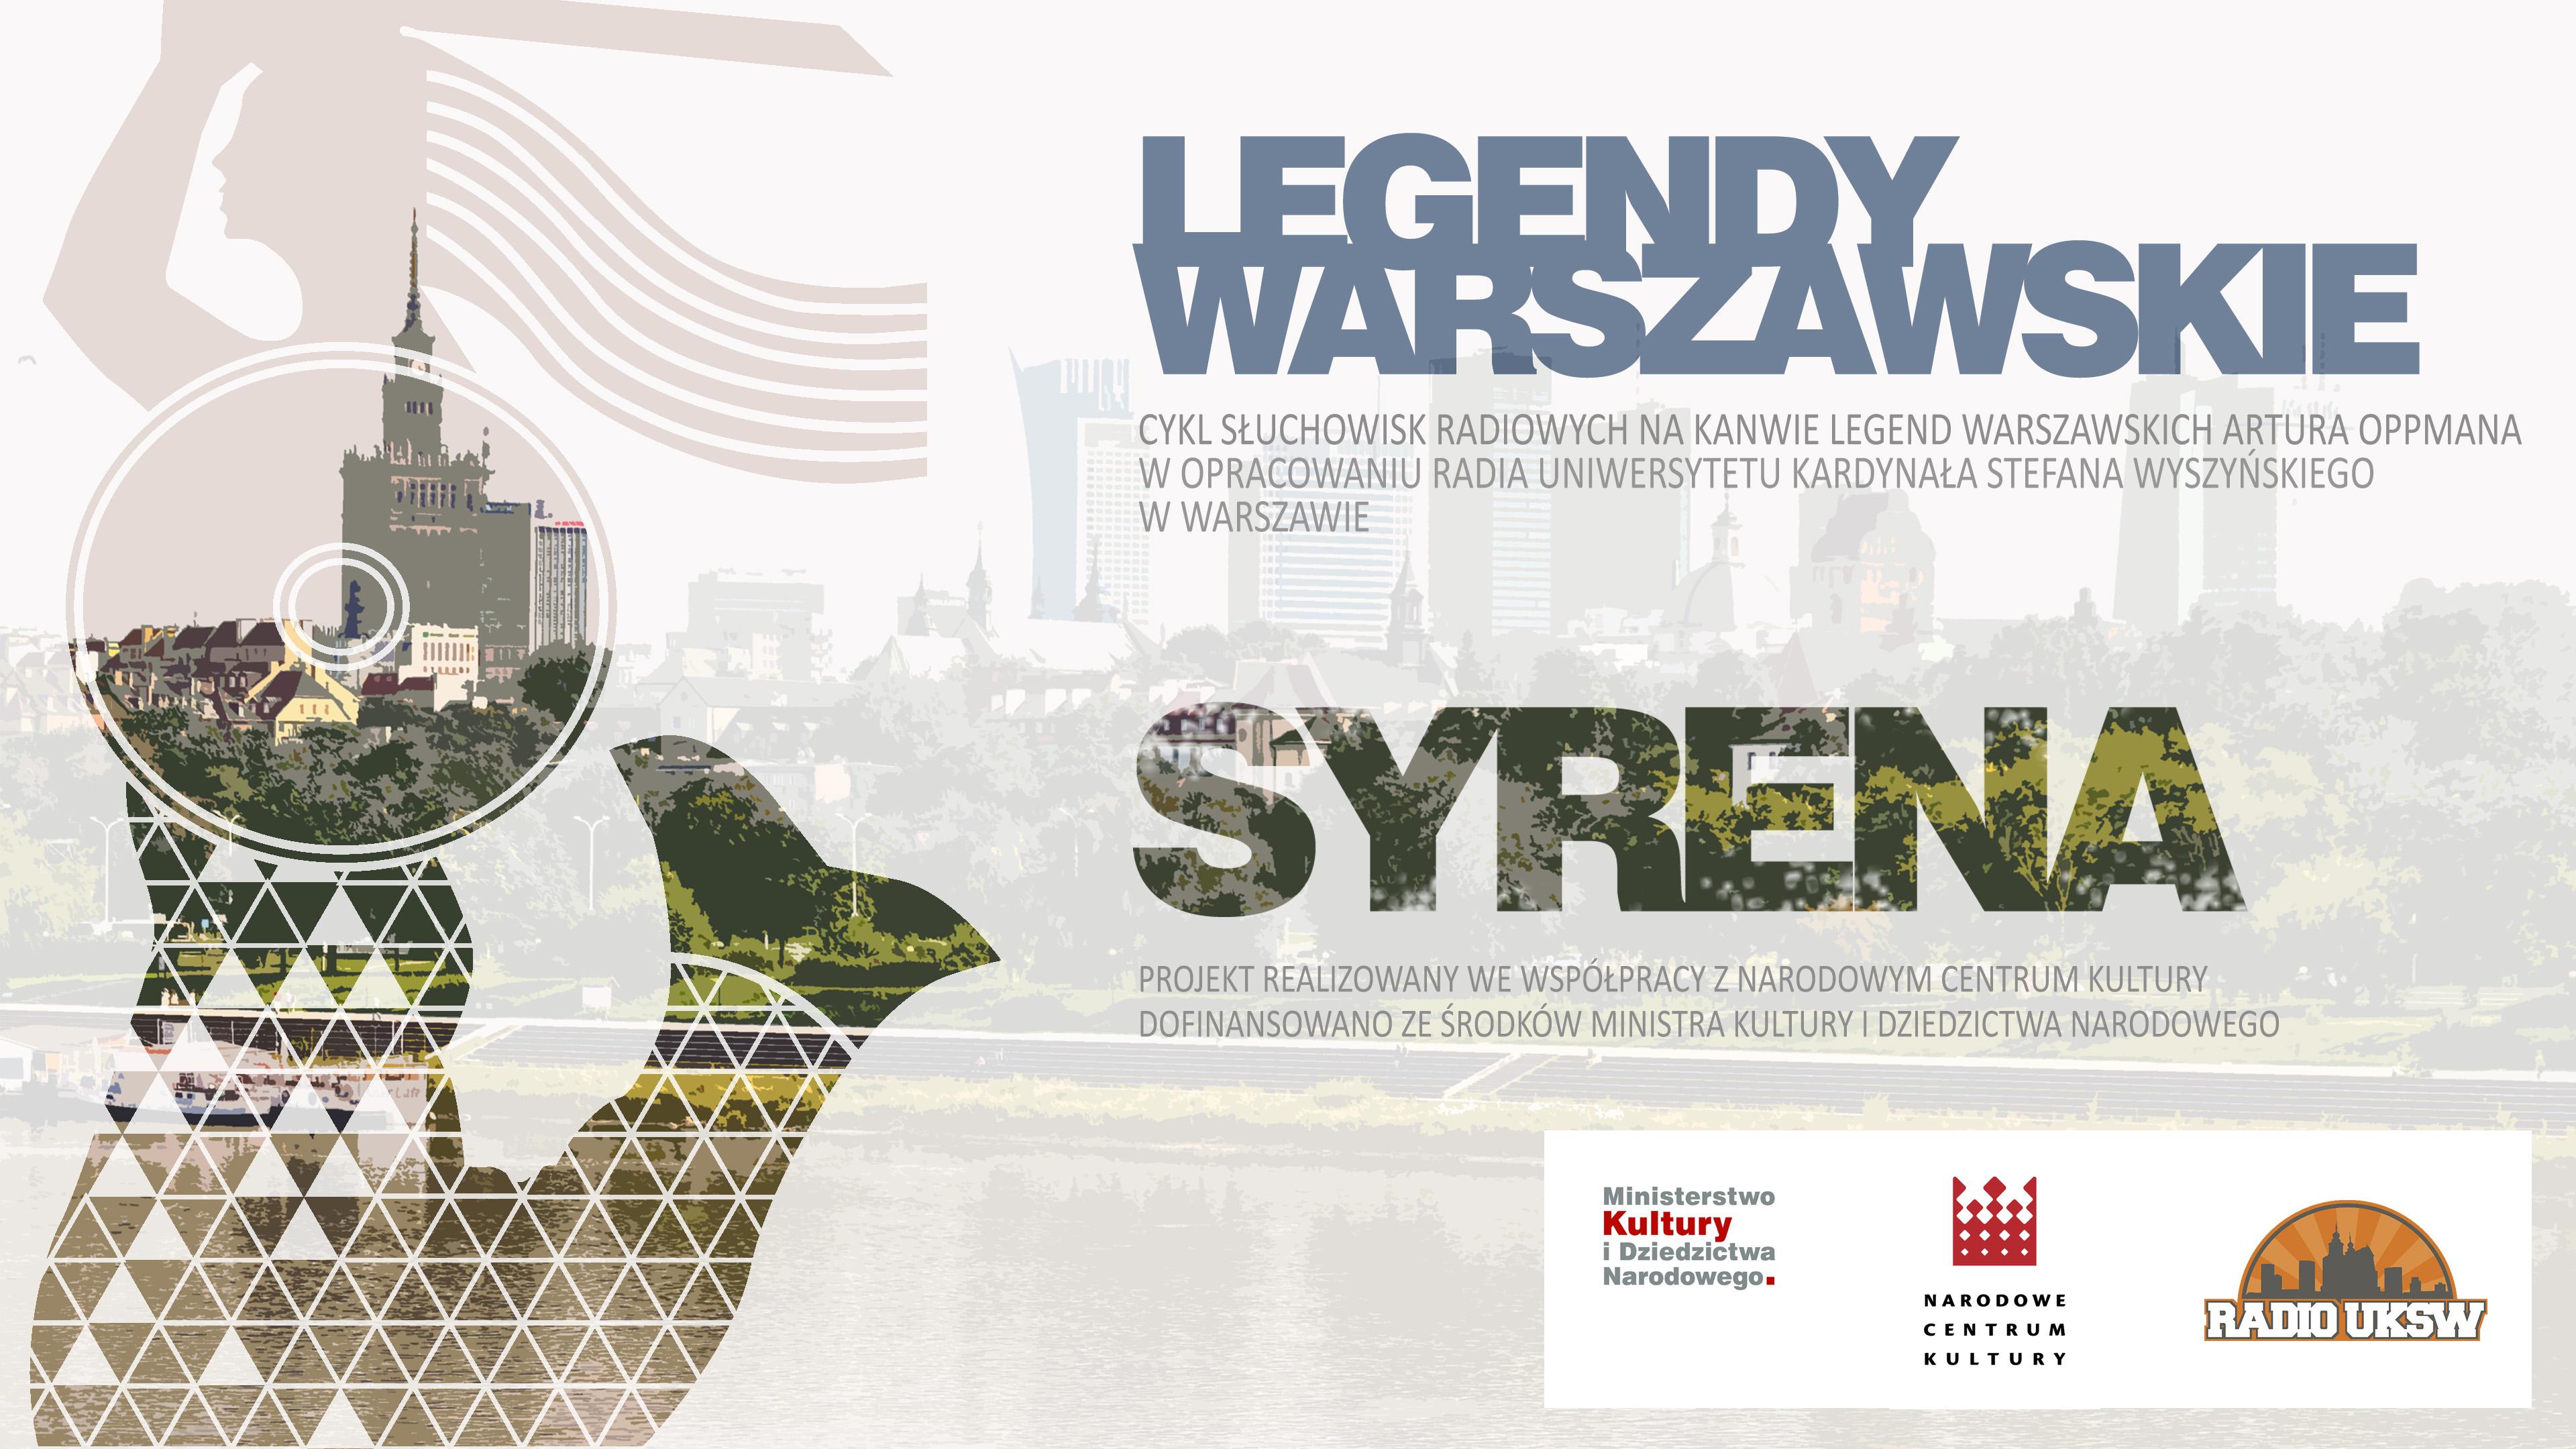 legendy-warszawskie